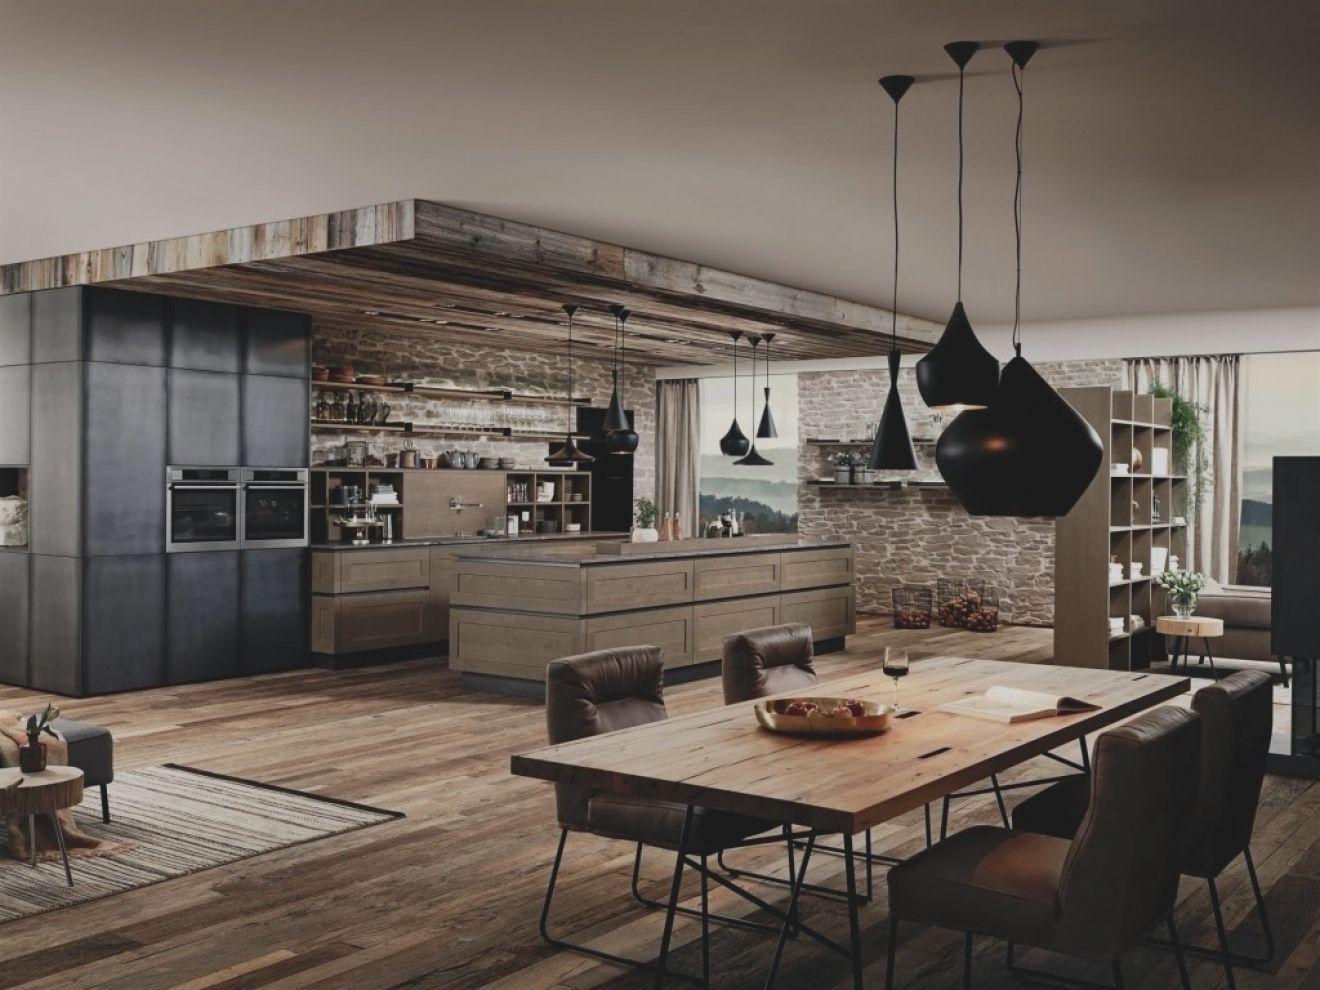 Einzigartig Luxus Deko Für Küche Home decor, Decor, Room